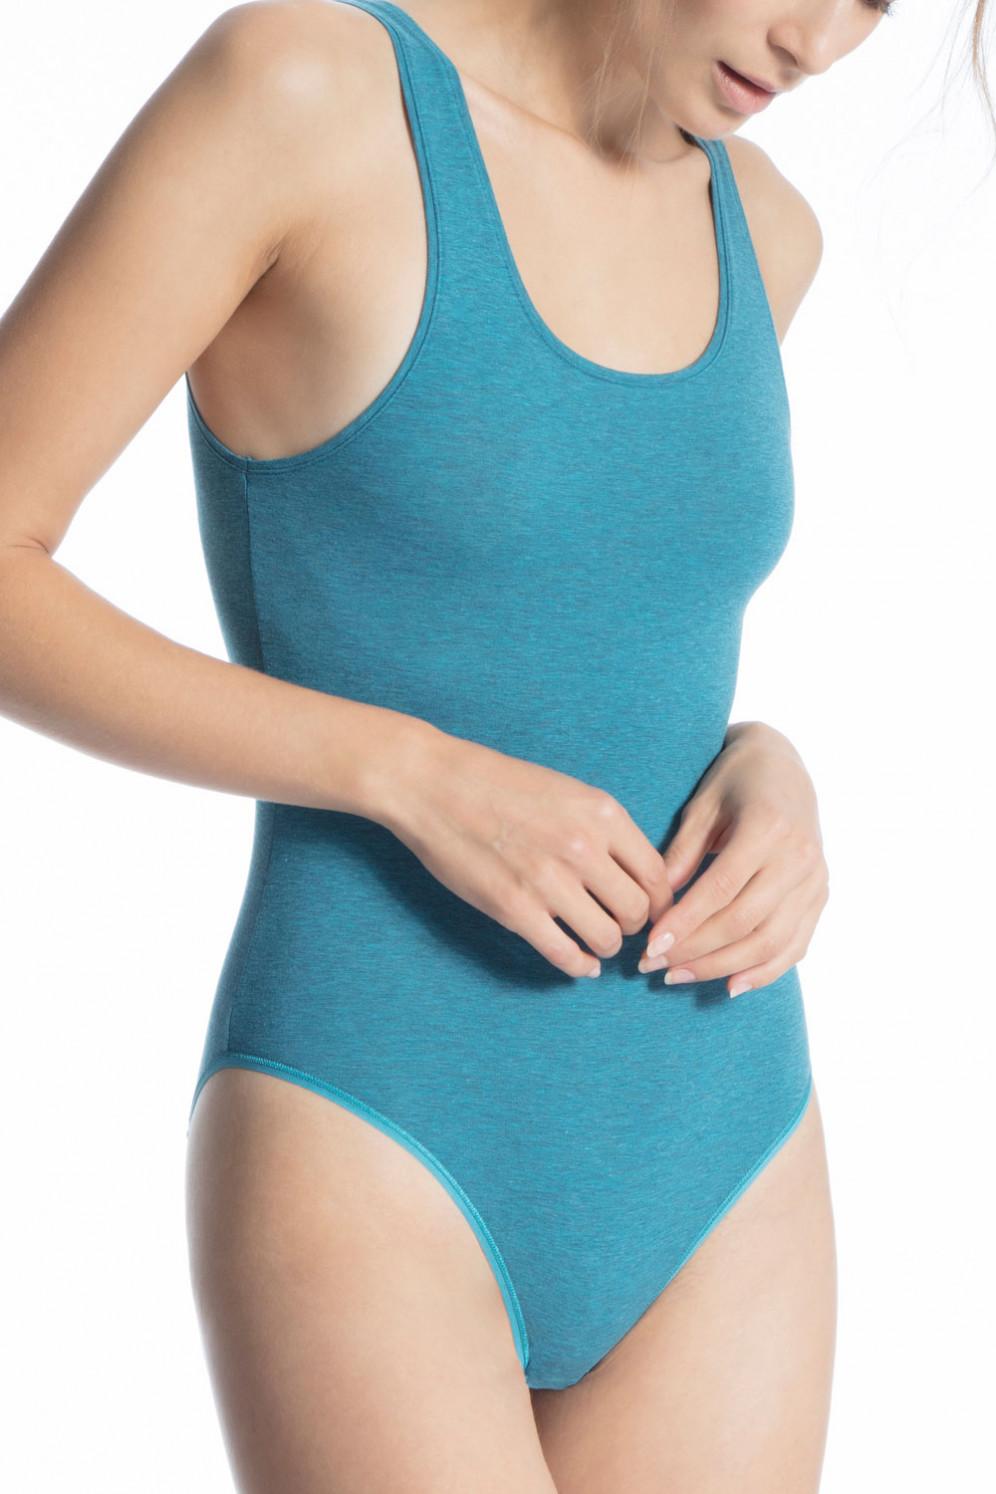 Vergrößern Abbildung zu Body ohne Arm (16027) der Marke Calida aus der  Serie Comfort ... 5d02eb6f502